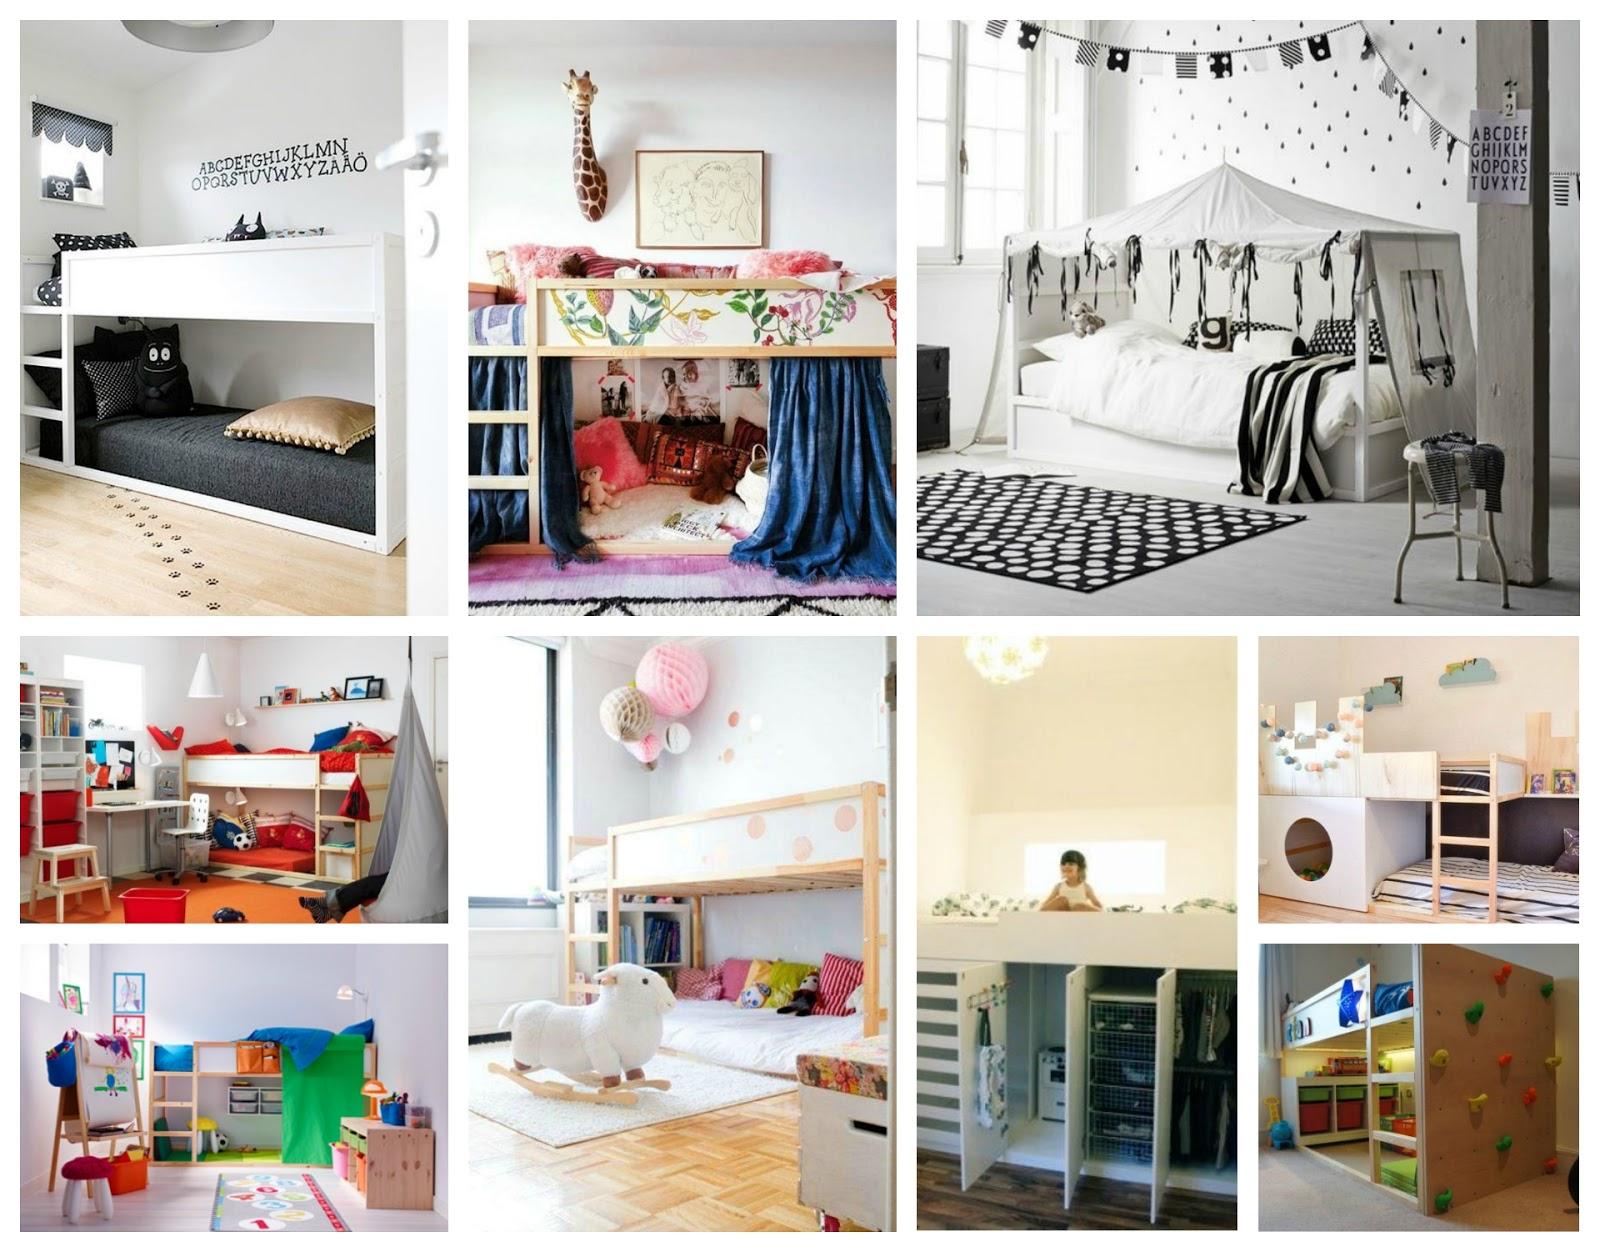 Se busca habitaci n para pelusa miss peguitos blog para - Ikea camas infantiles ...